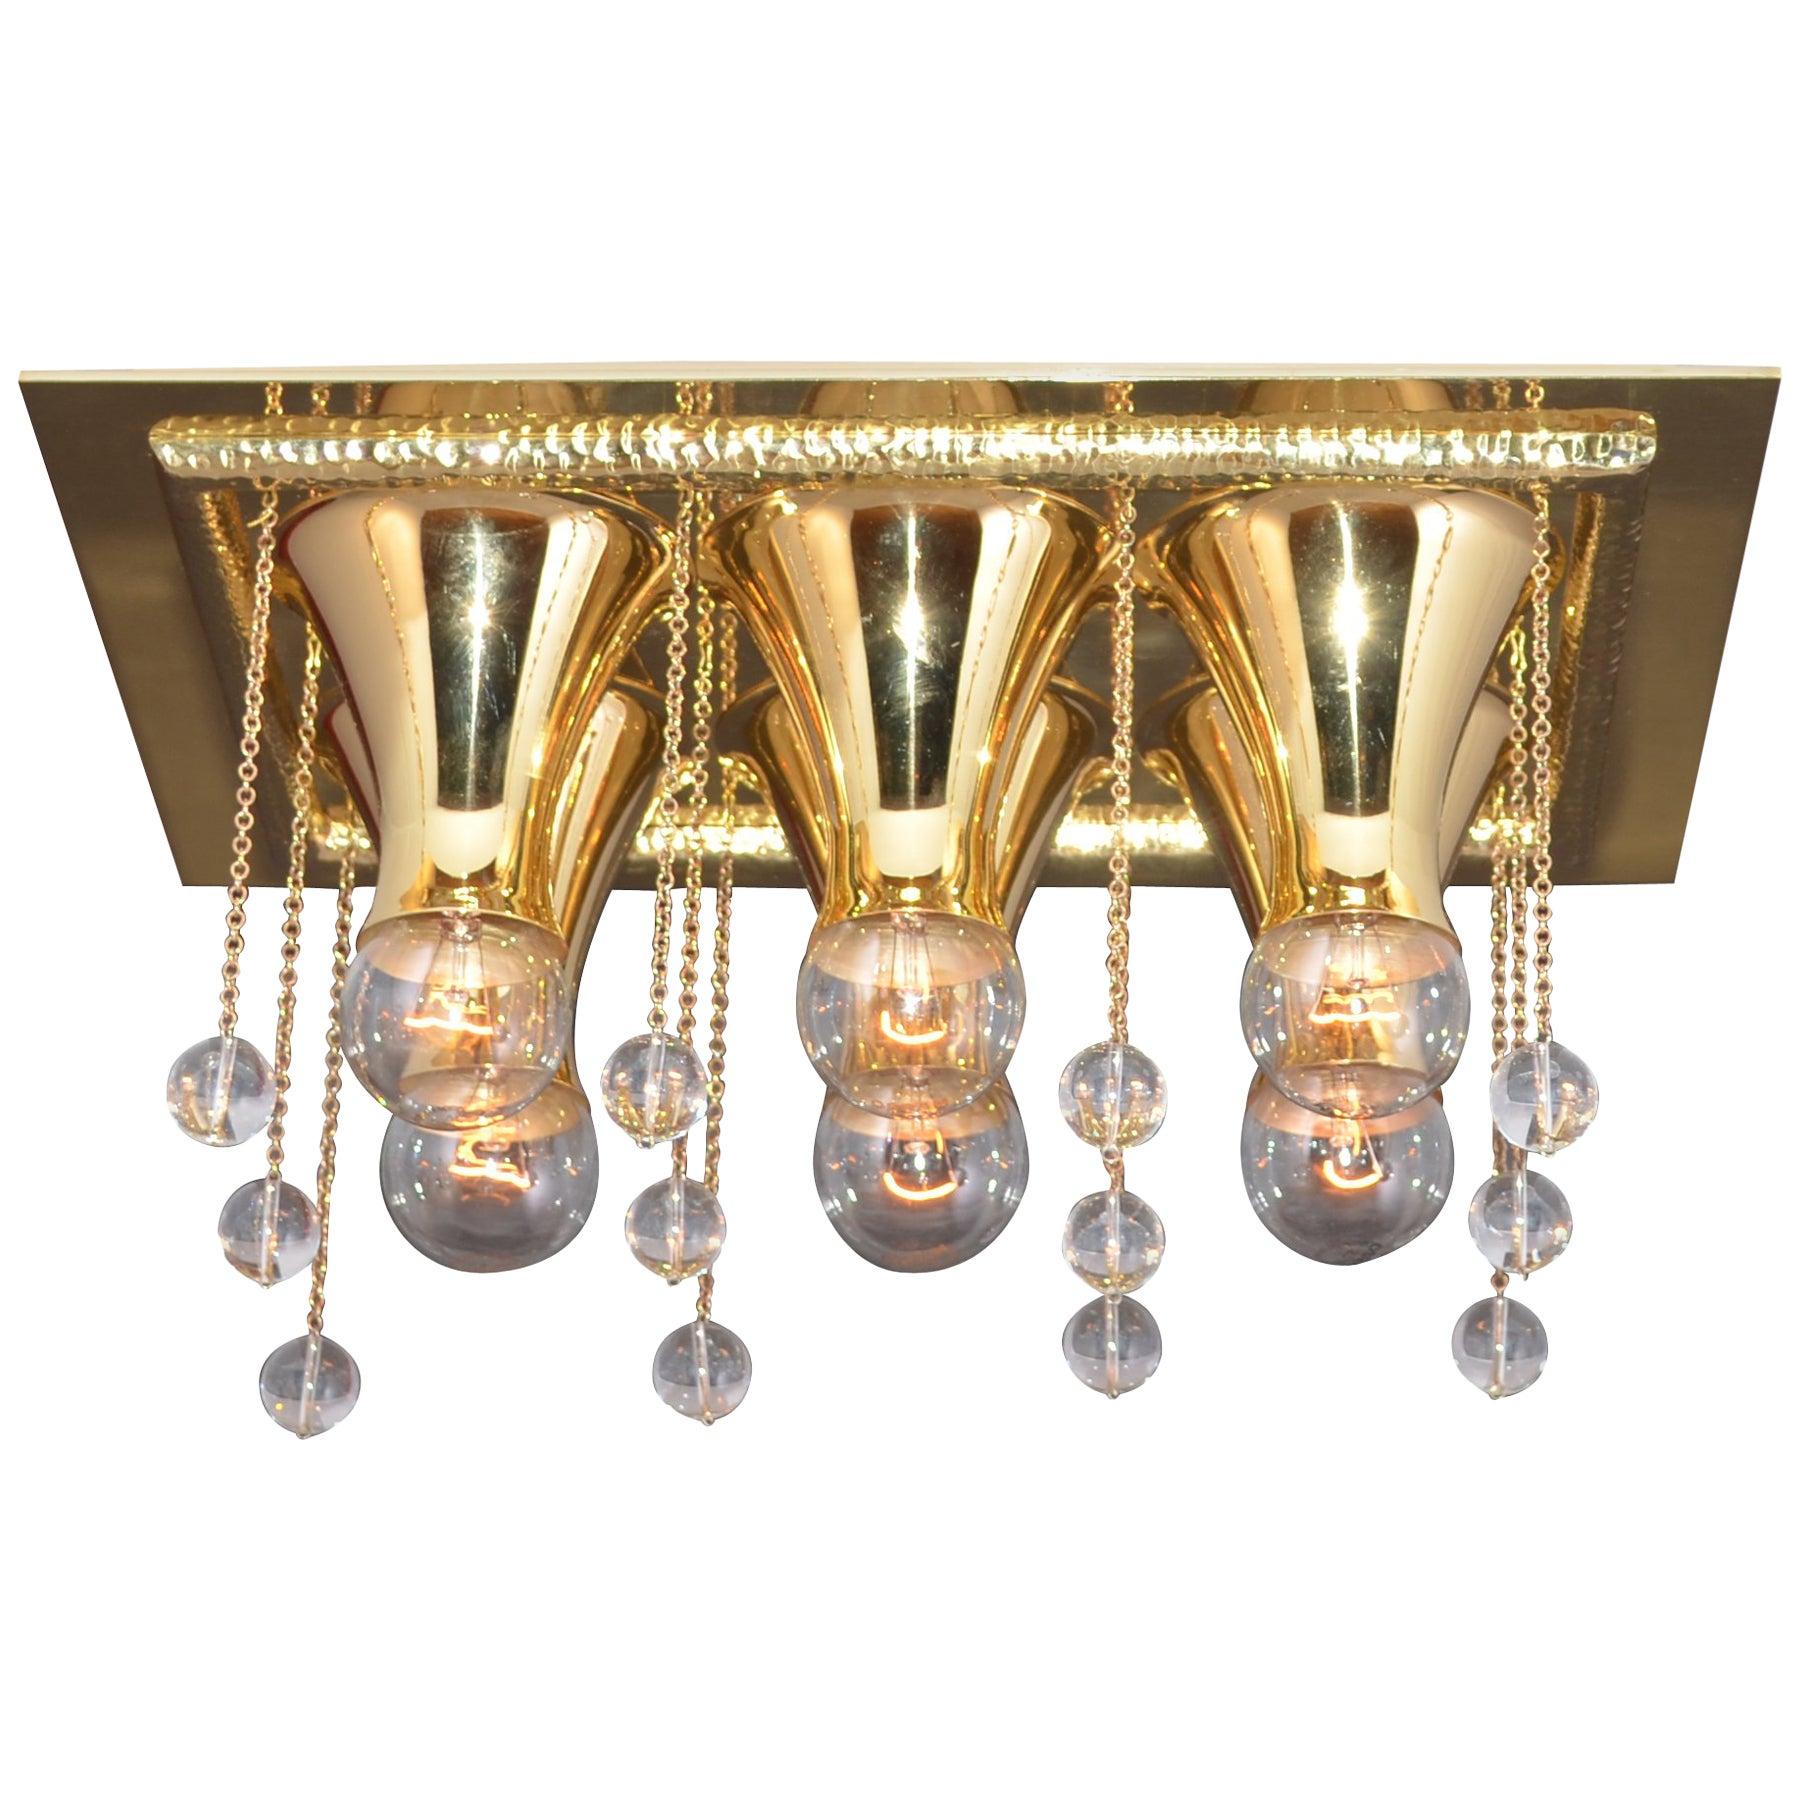 Josef Hoffmann Ceiling Lamp Wiener Werkstaette  for Karl Wittgenstein Re-Edition